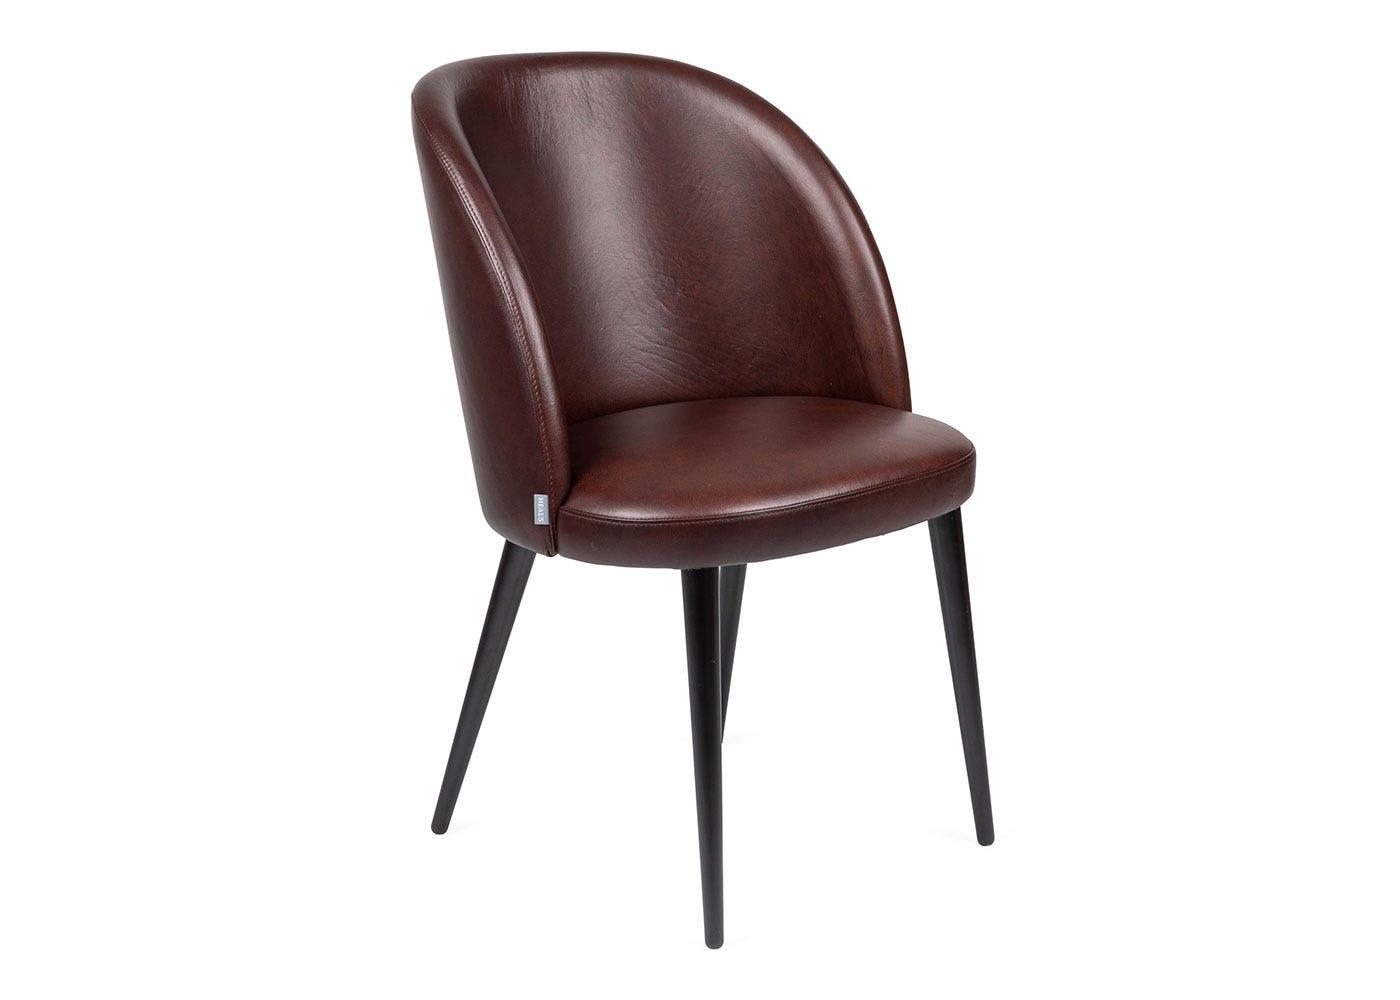 As shown: Austen leather dining chair dark brown